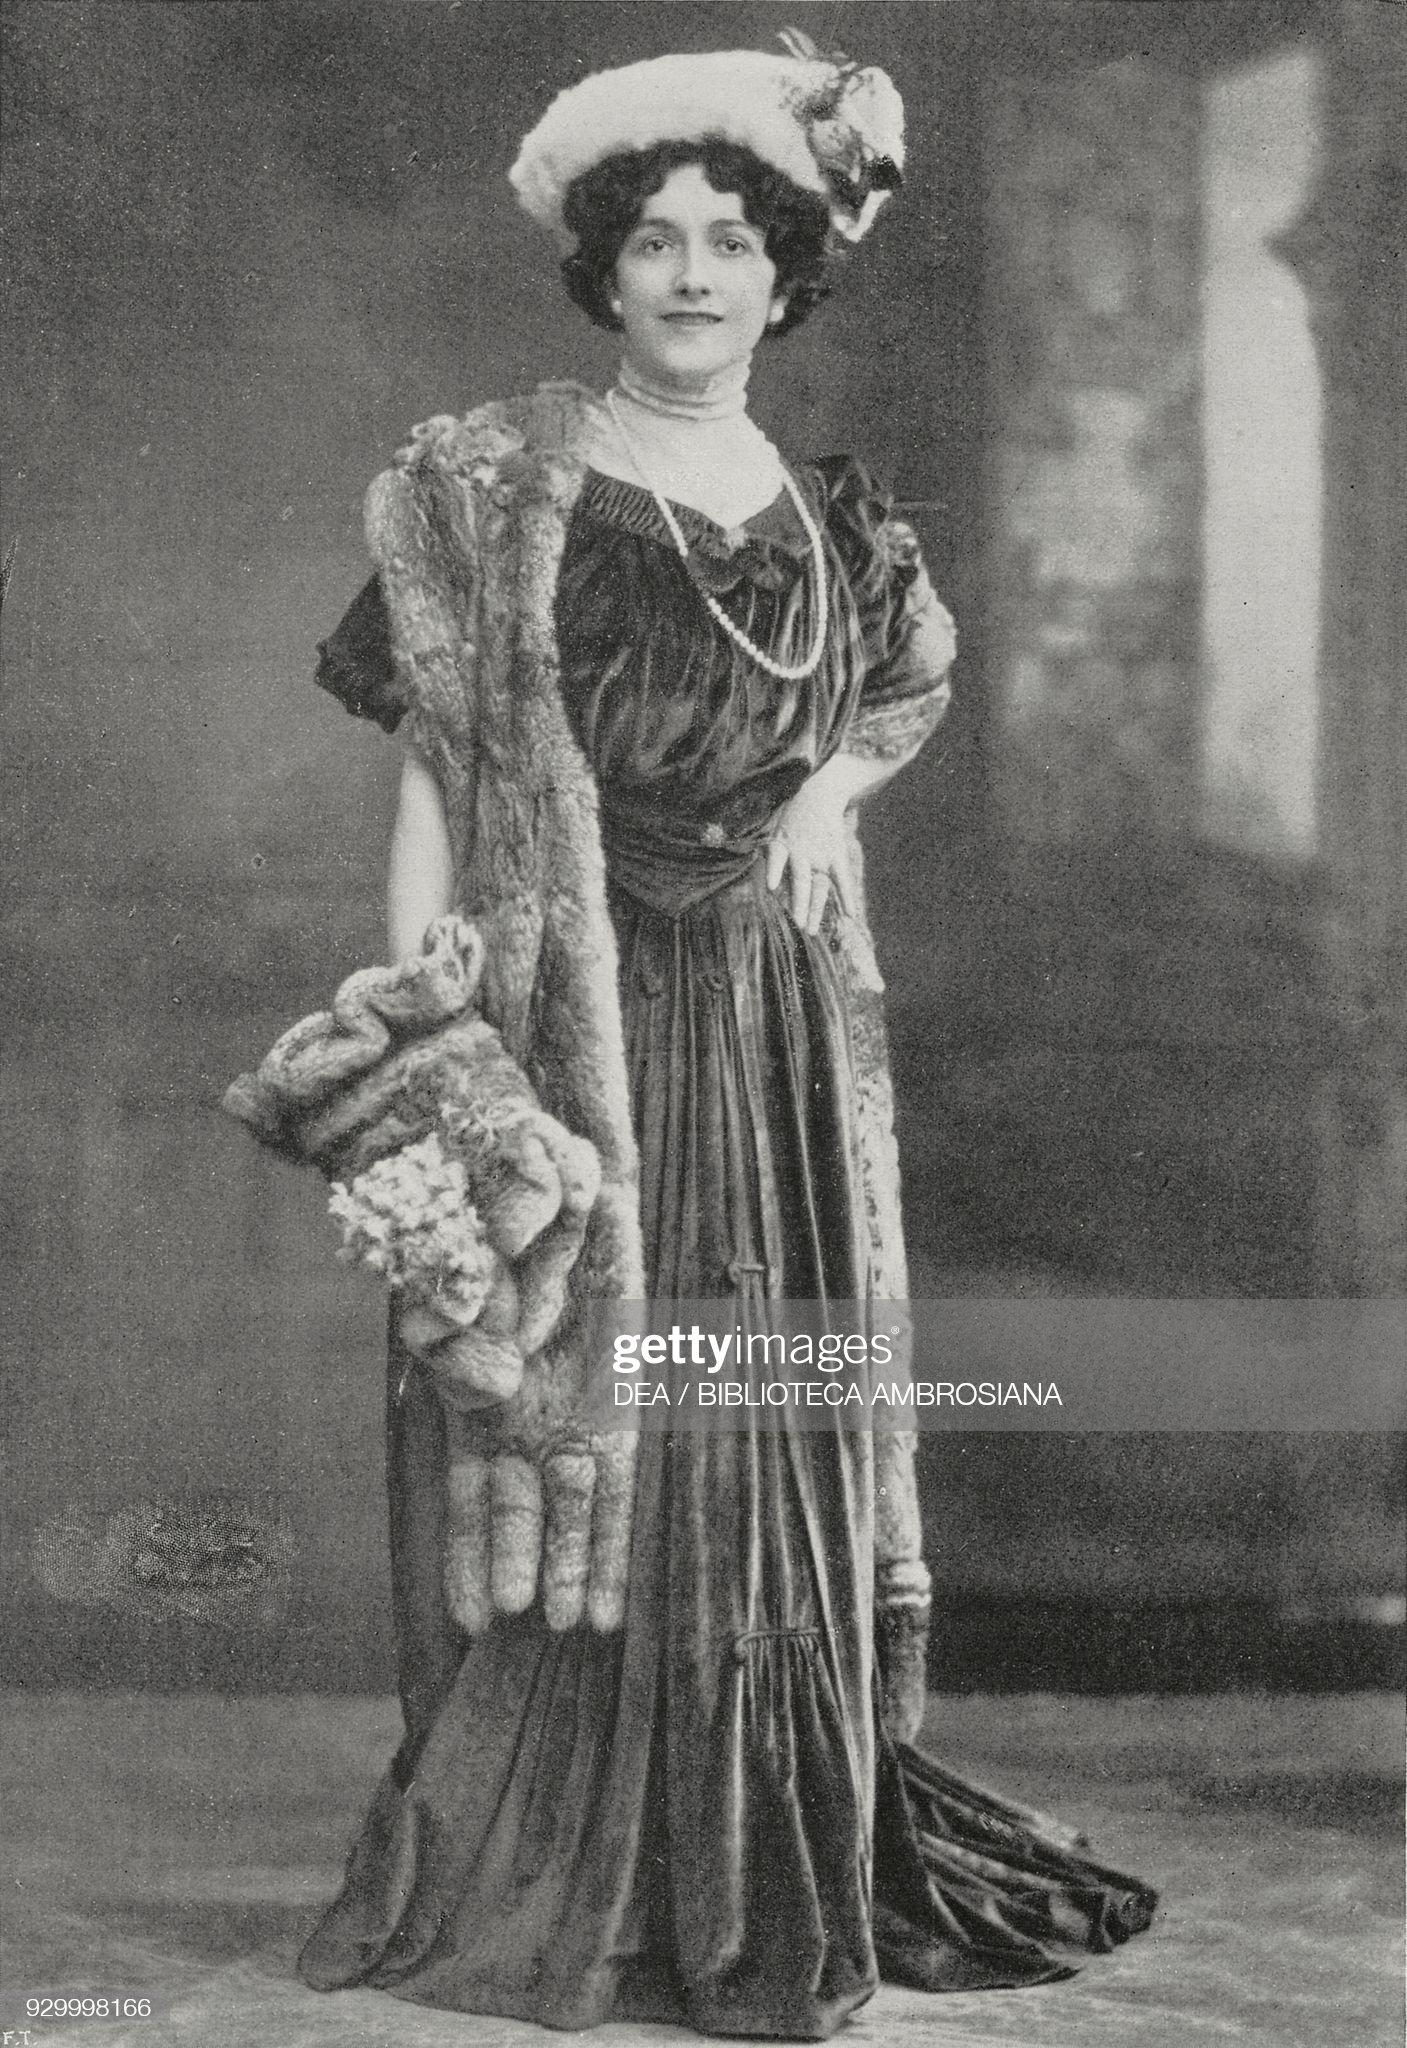 Lina Cavalieri, Italian soprano and film actress : News Photo